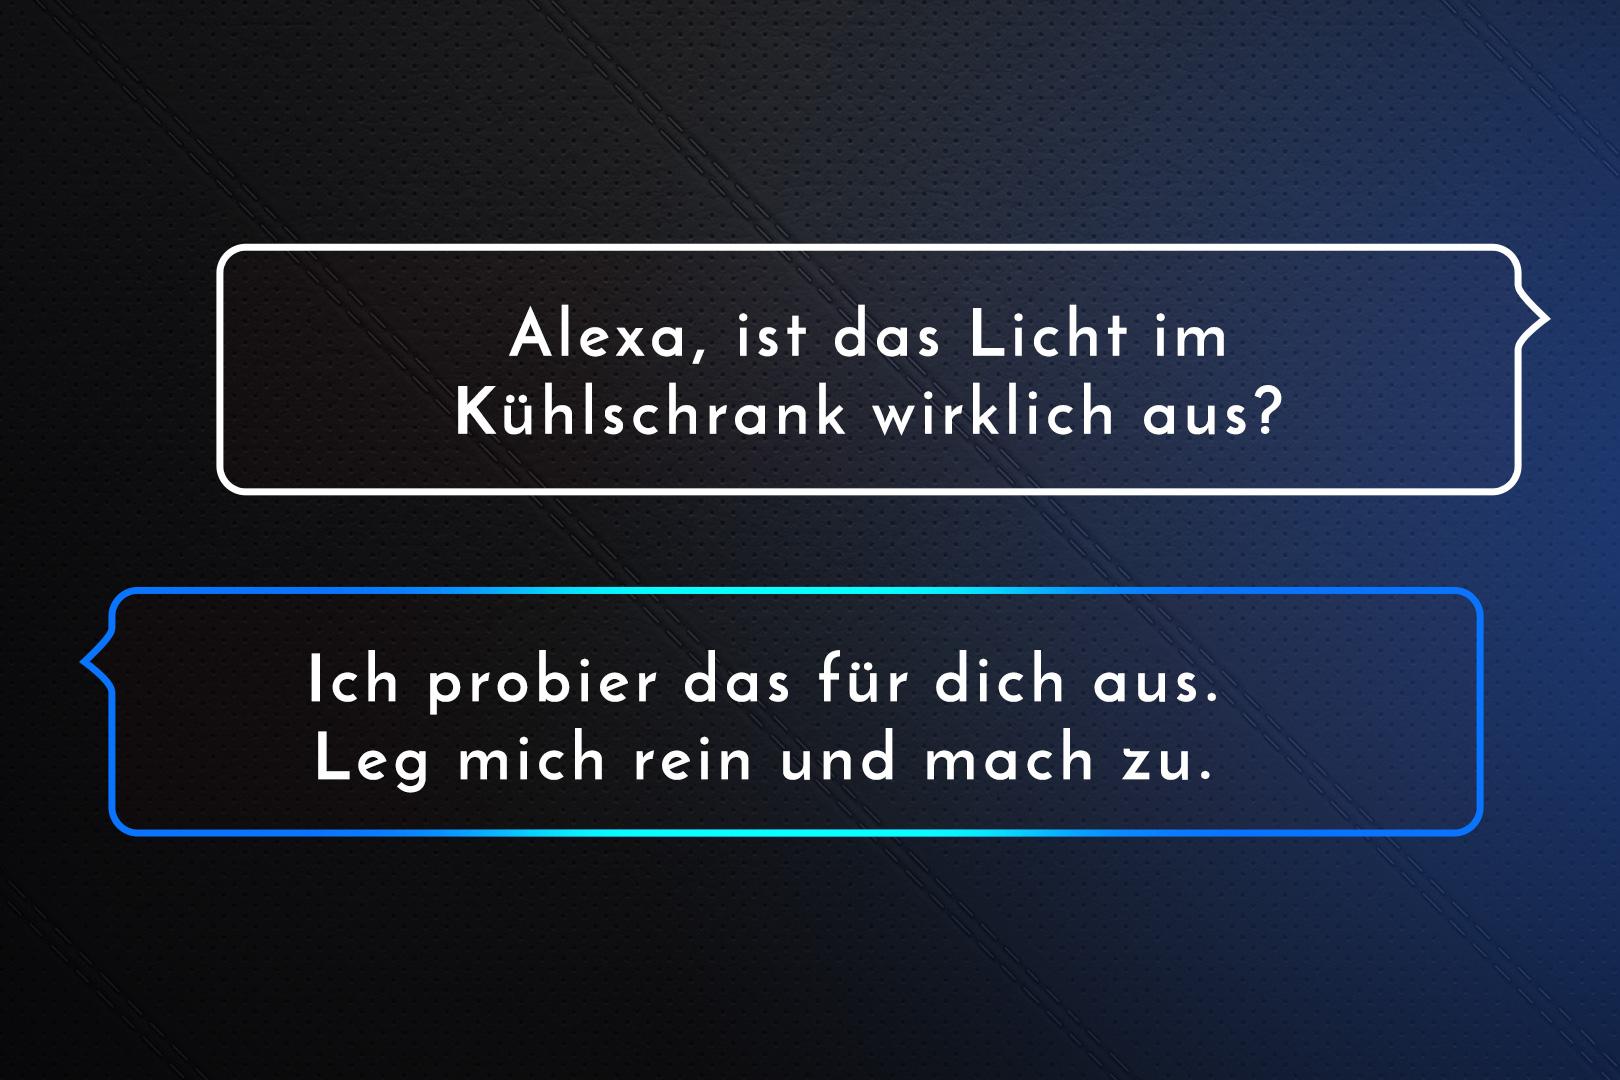 amazon_alexa_img_09.jpg